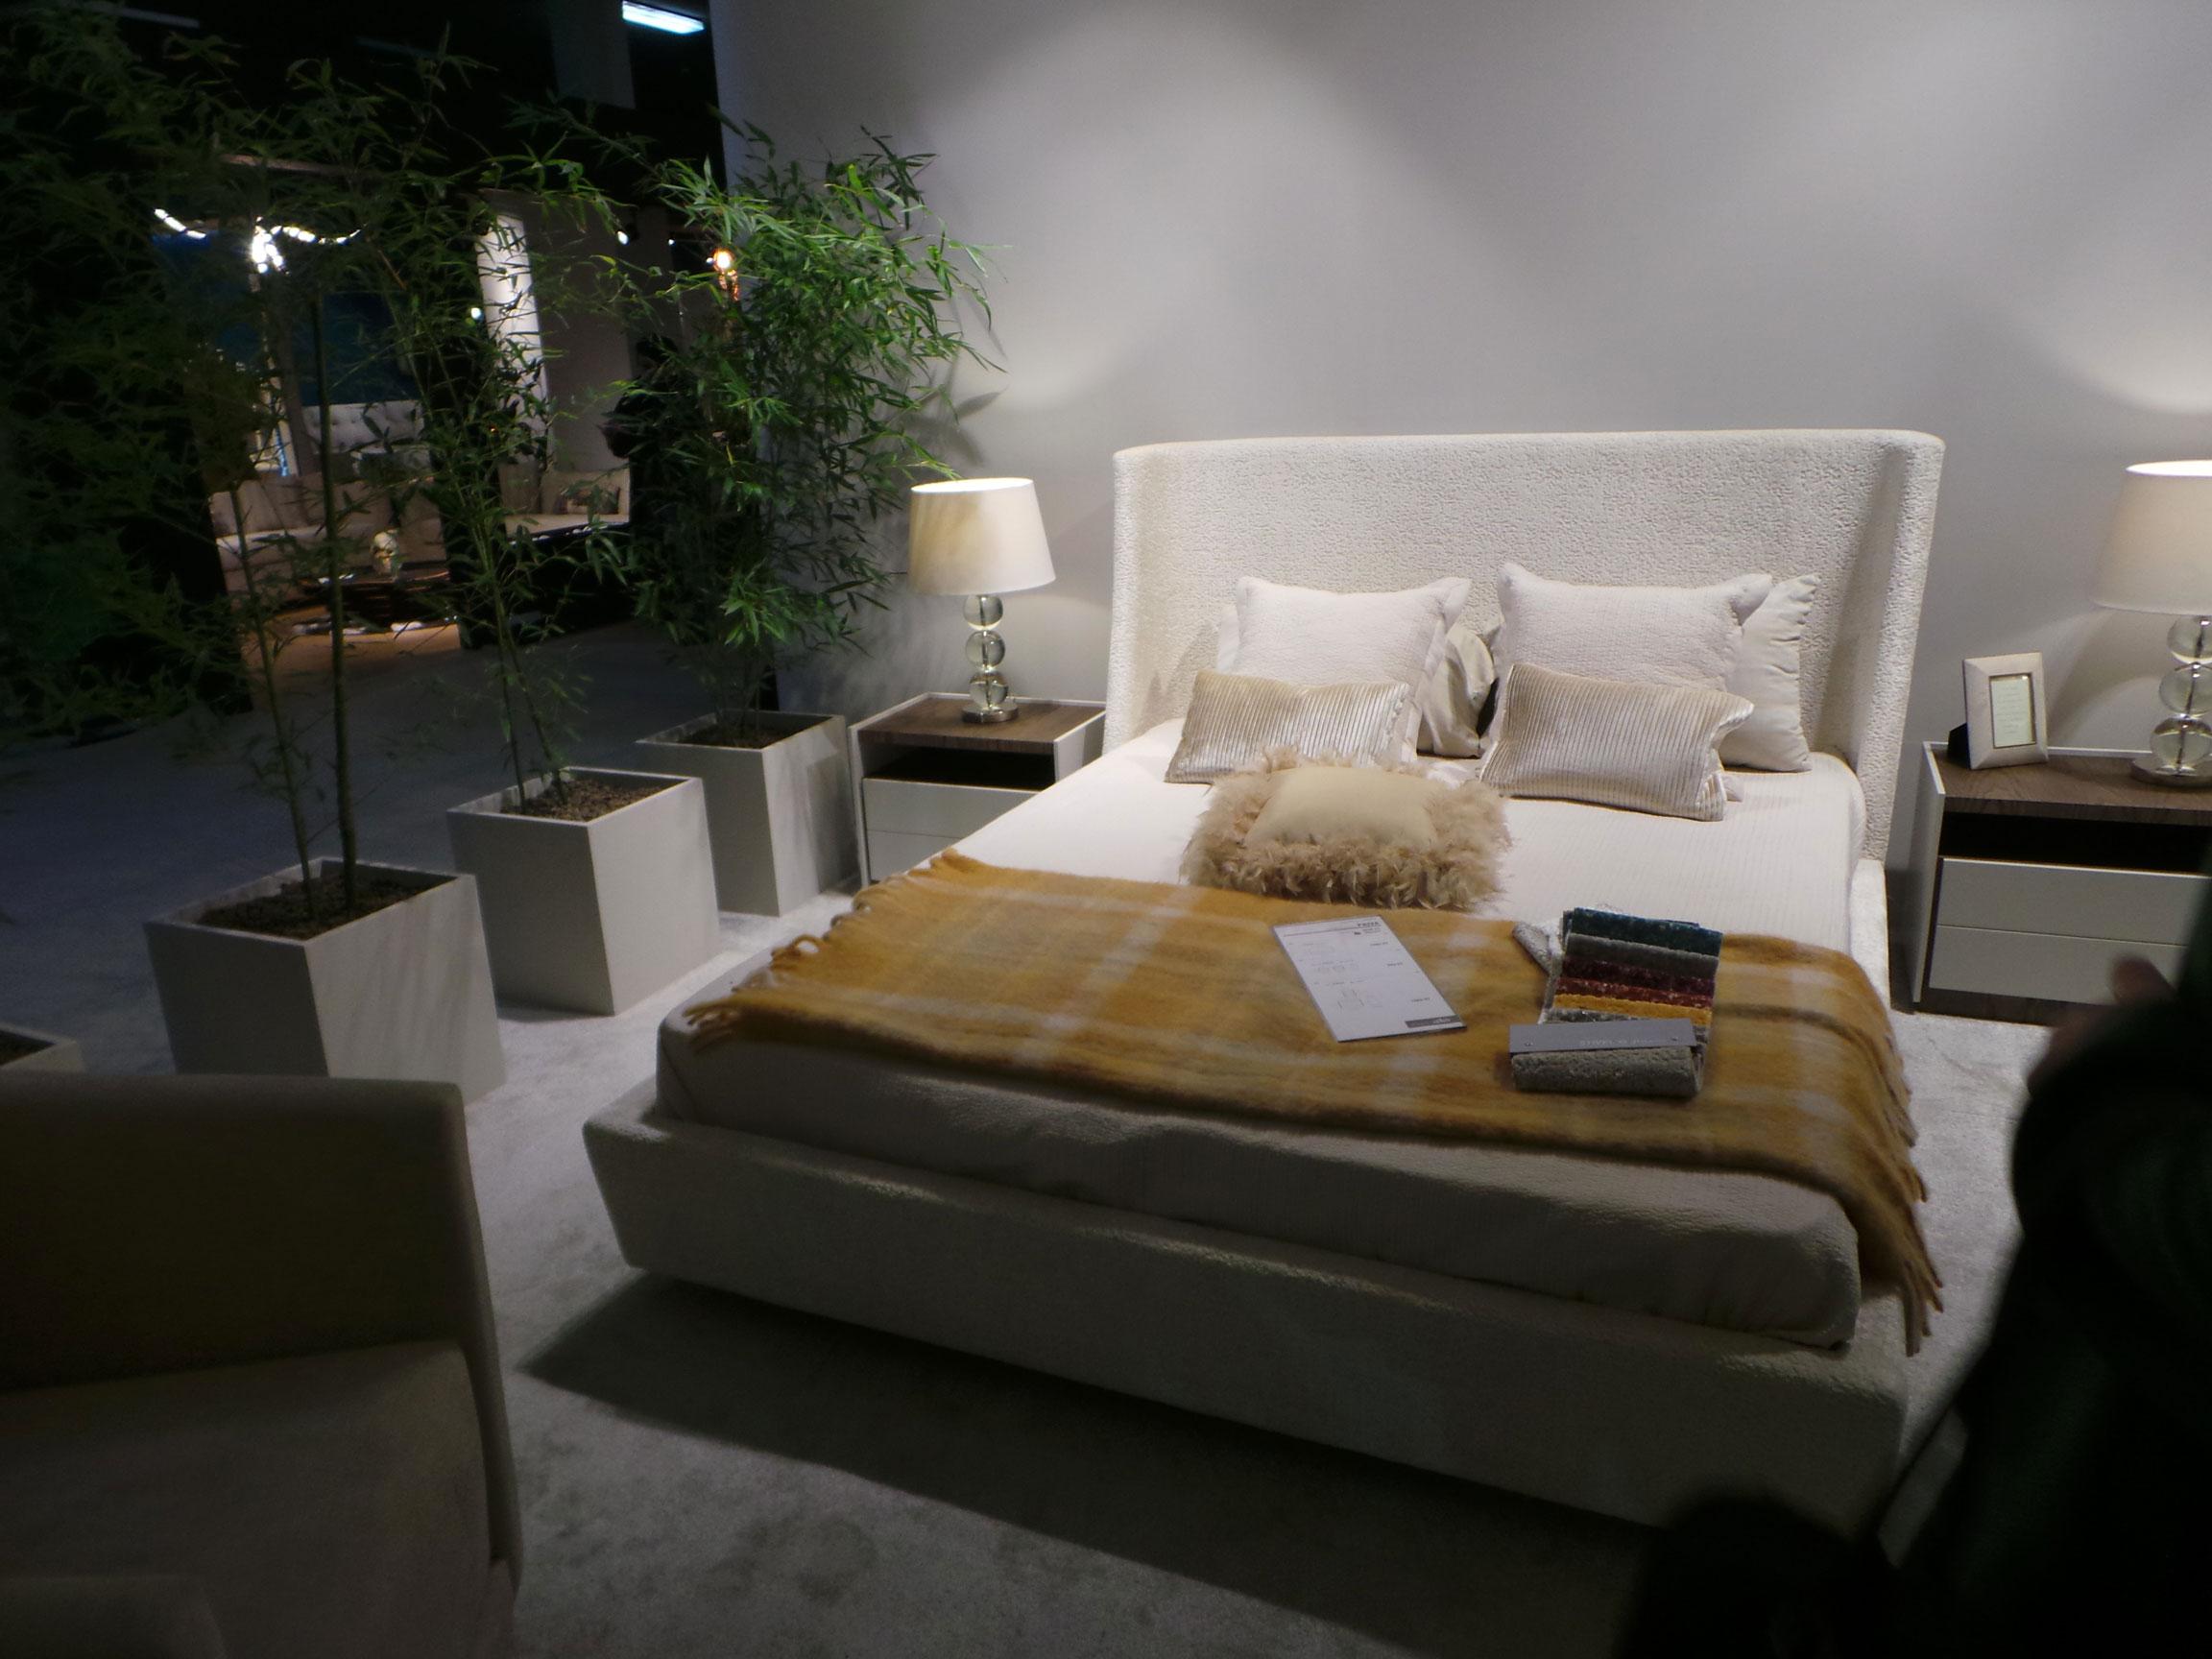 Salo-du-meuble-de-Tunis-chambre-a-coucher-klam-ellouh-velour